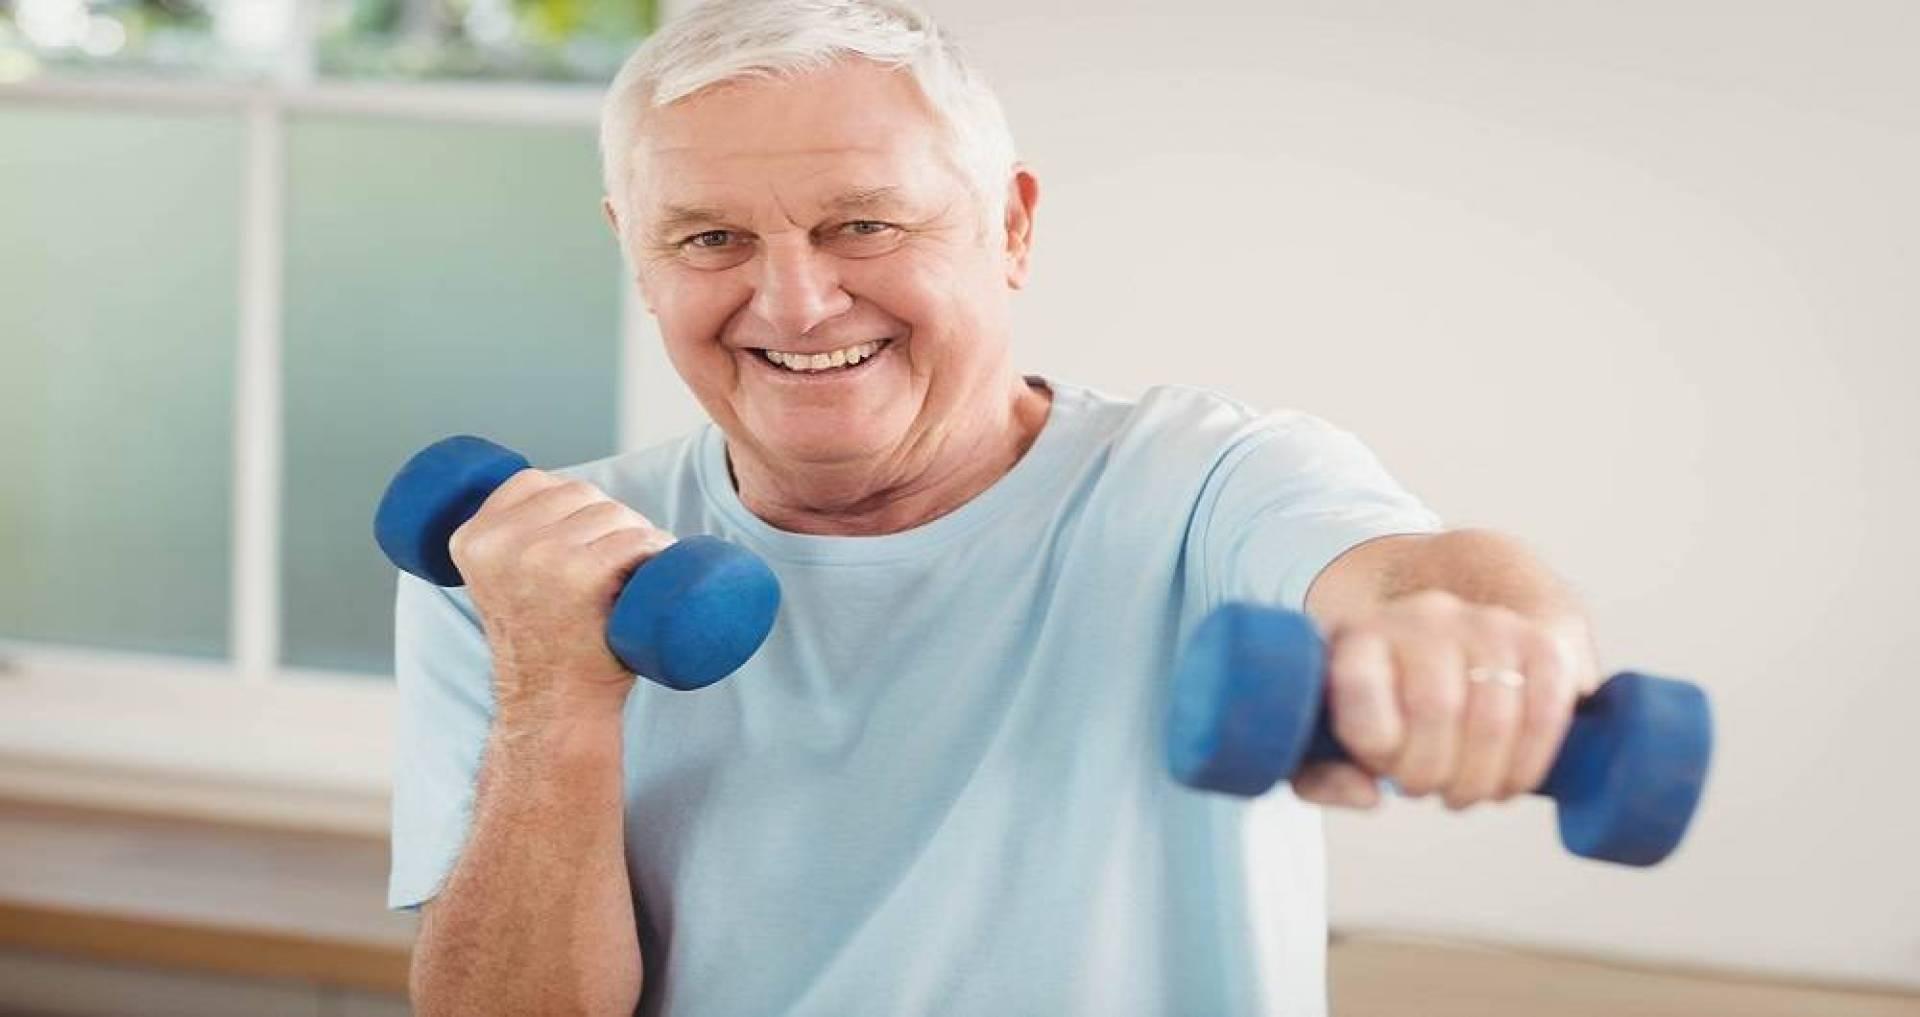 النشاط البدني في أوقات الفراغ.. يخفض خطر 7 أنواع سرطان